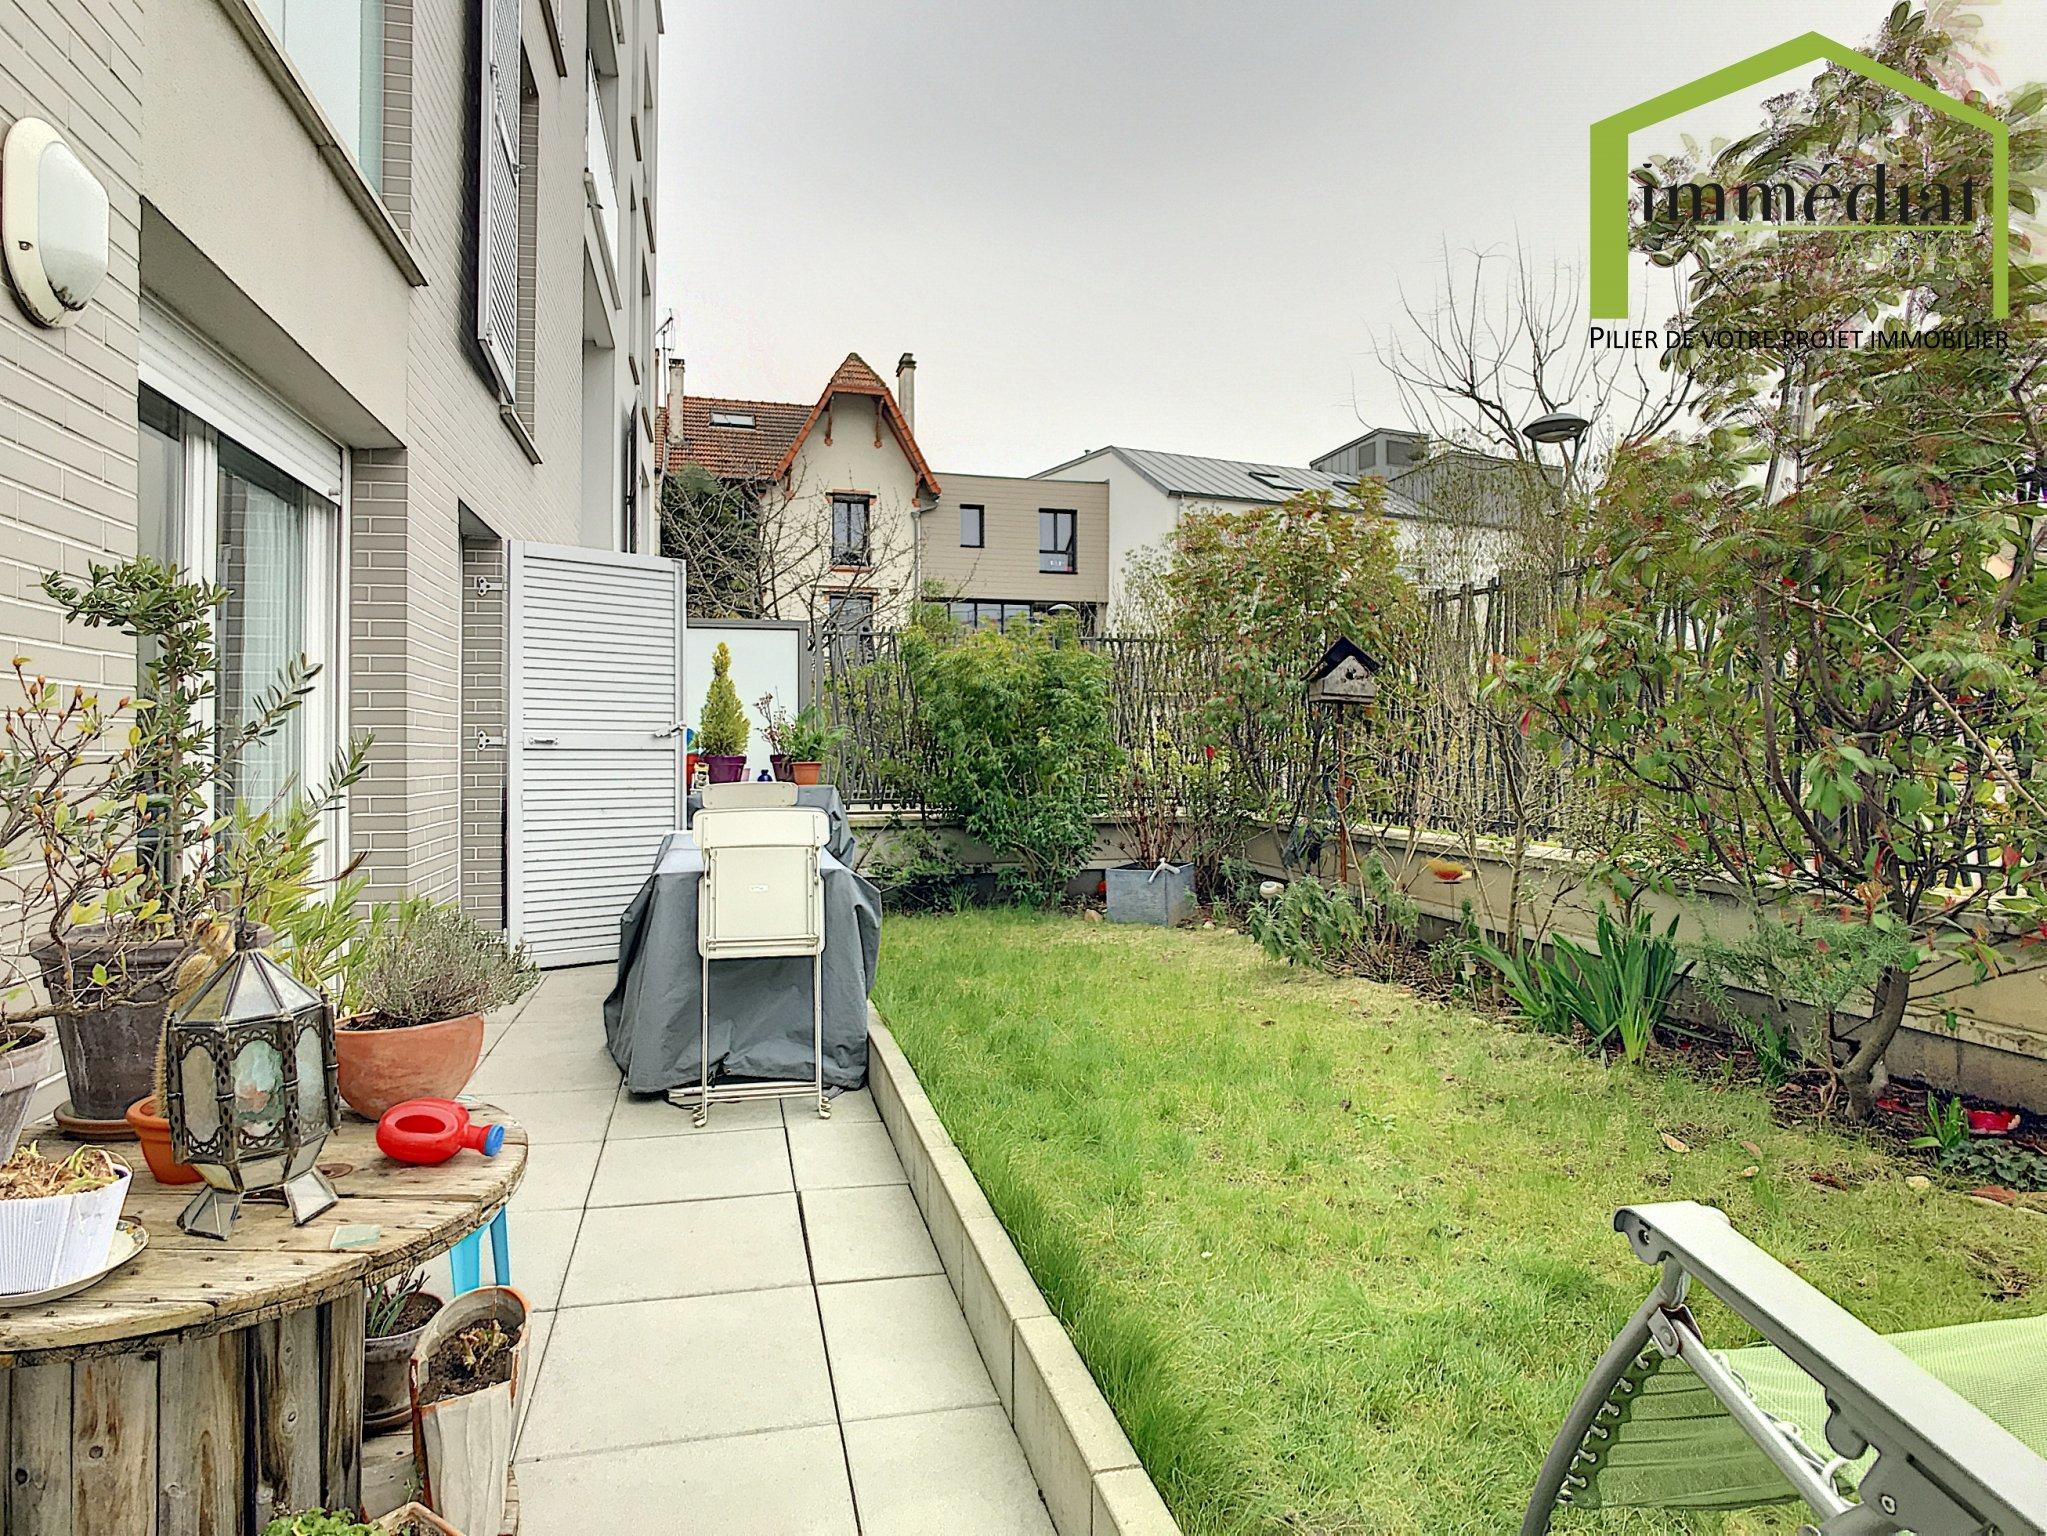 Appartement a louer nanterre - 4 pièce(s) - 80 m2 - Surfyn